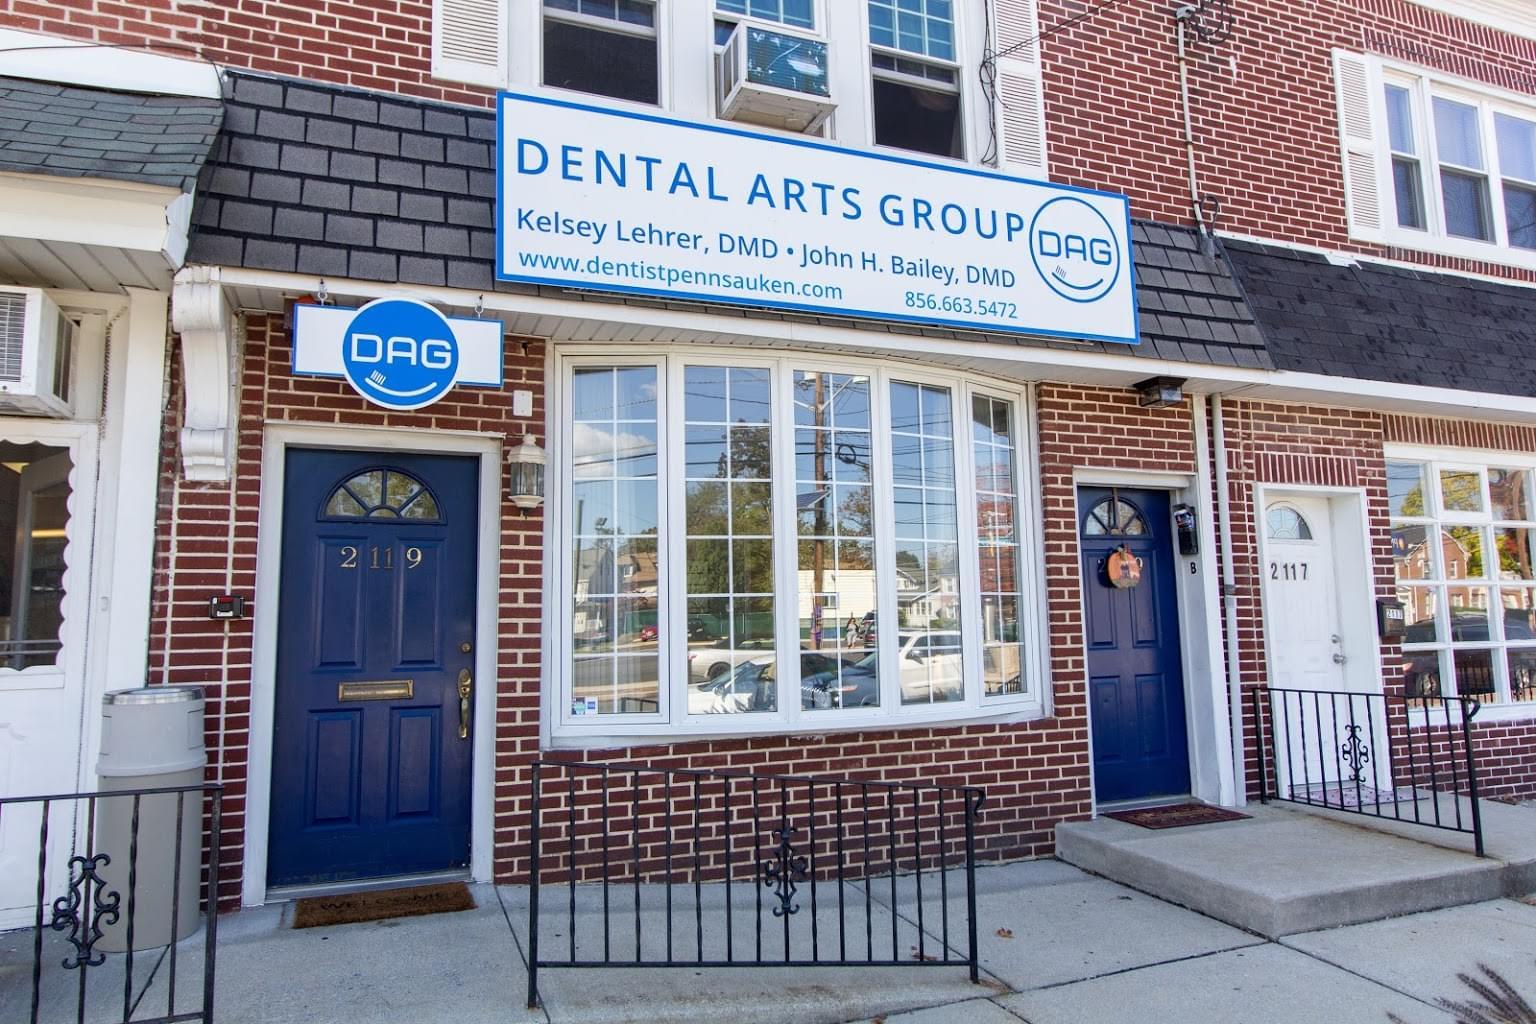 store front of Dental Arts Group Dentist in Pennsauken, NJ